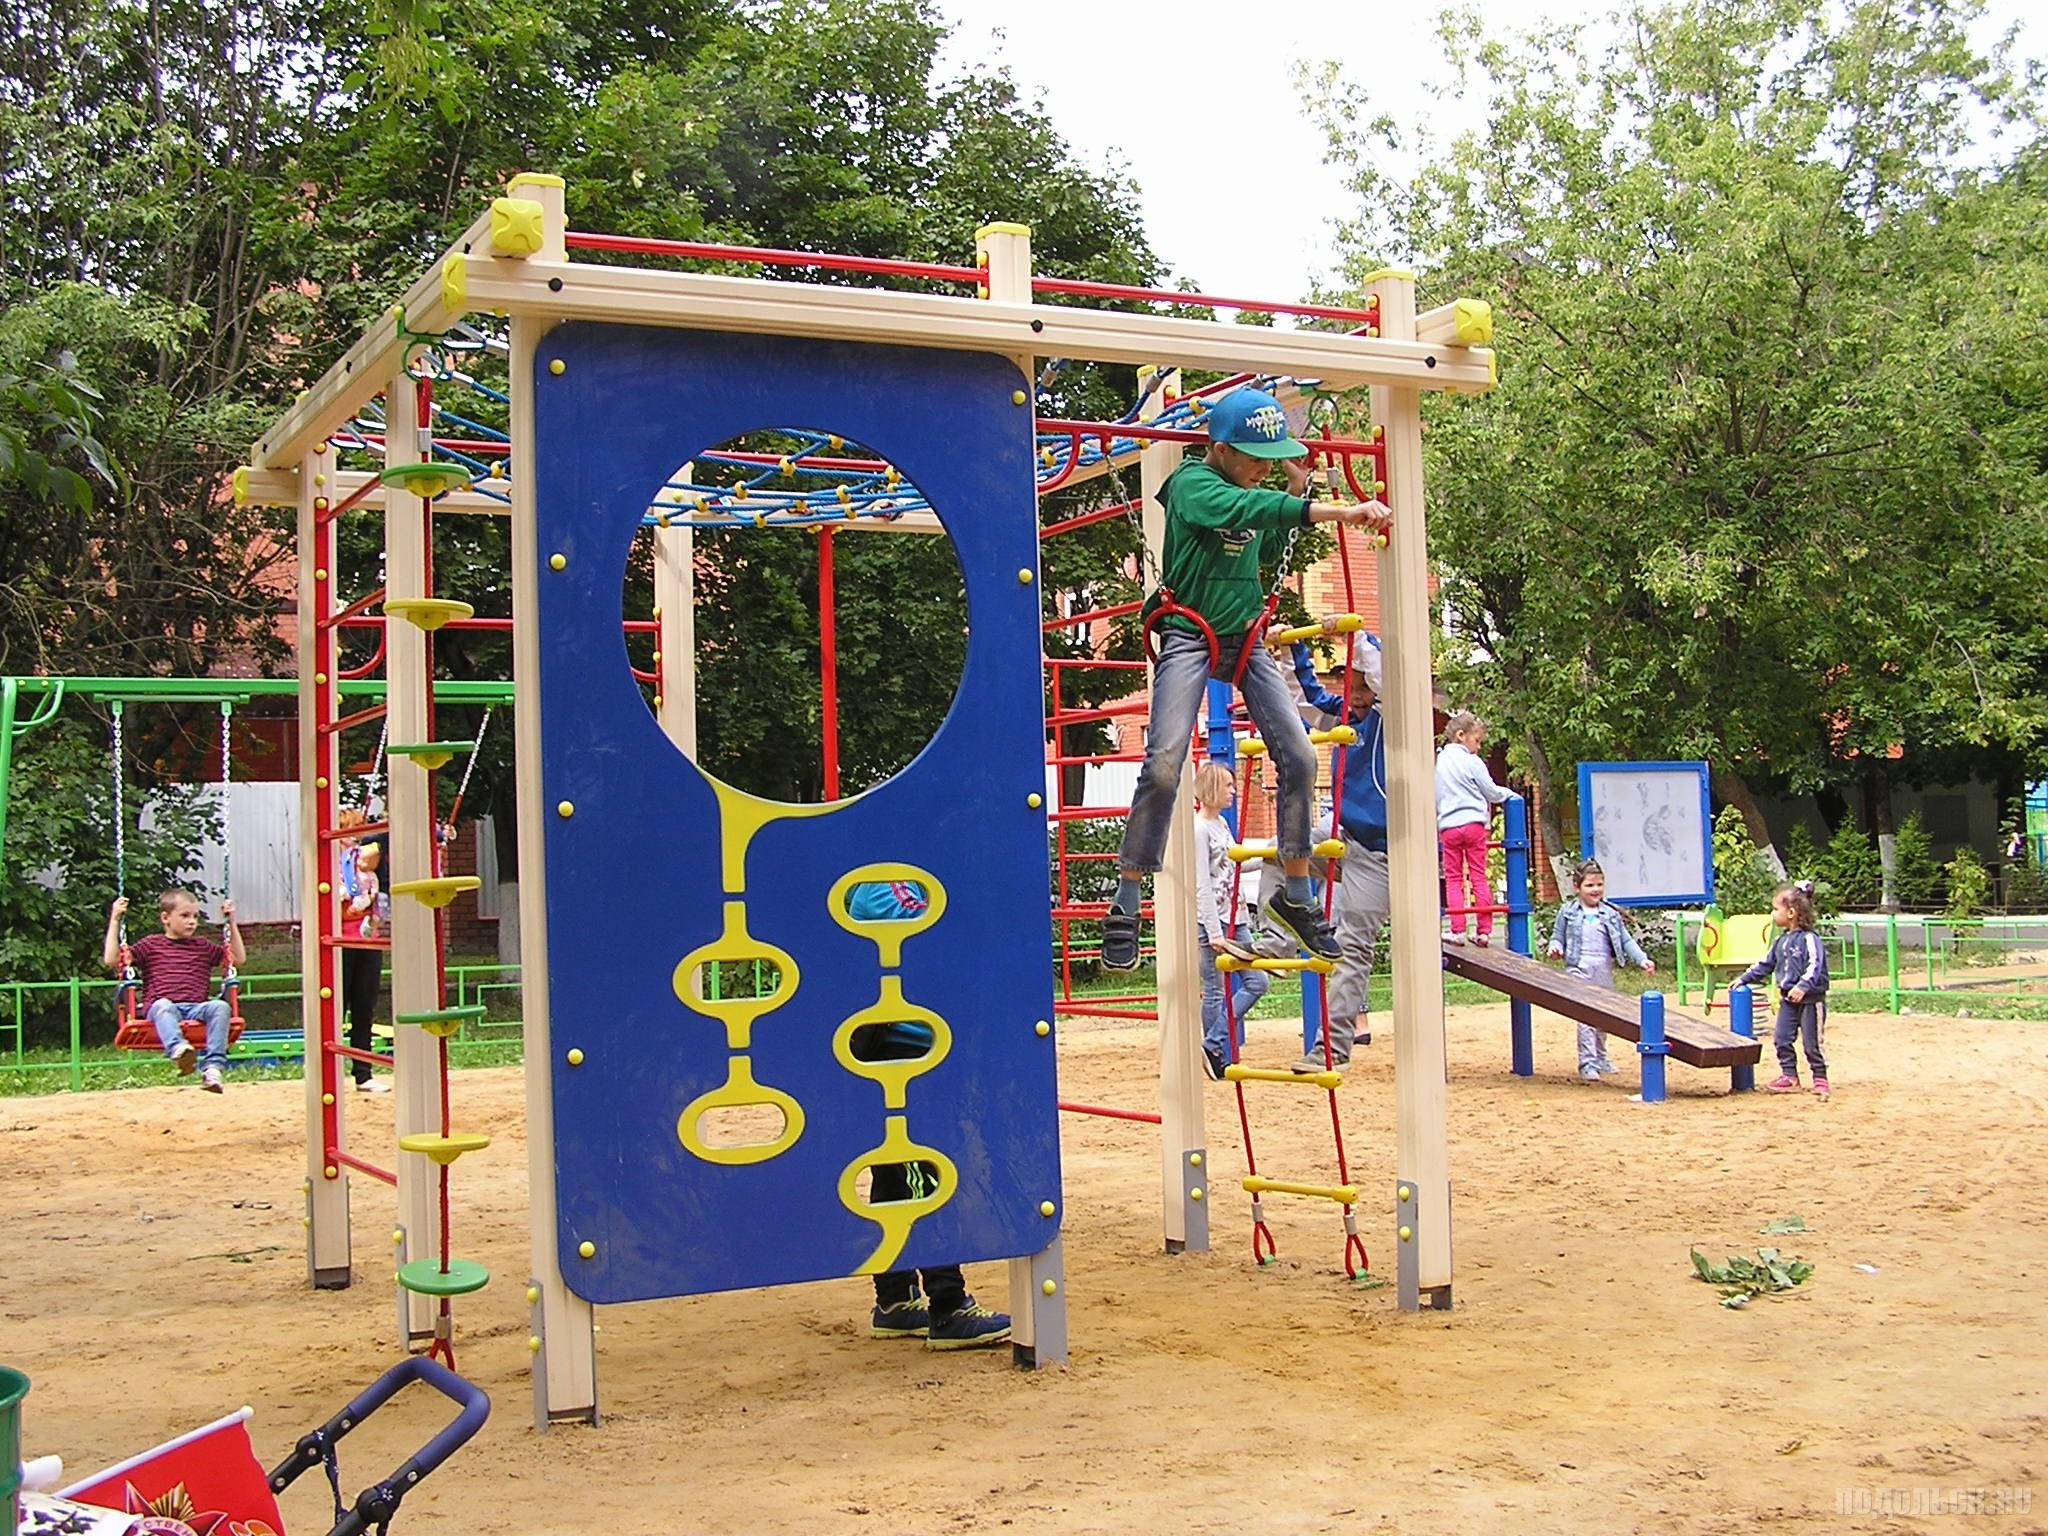 Новая детская площадка в Климовске. Август 2016 г.